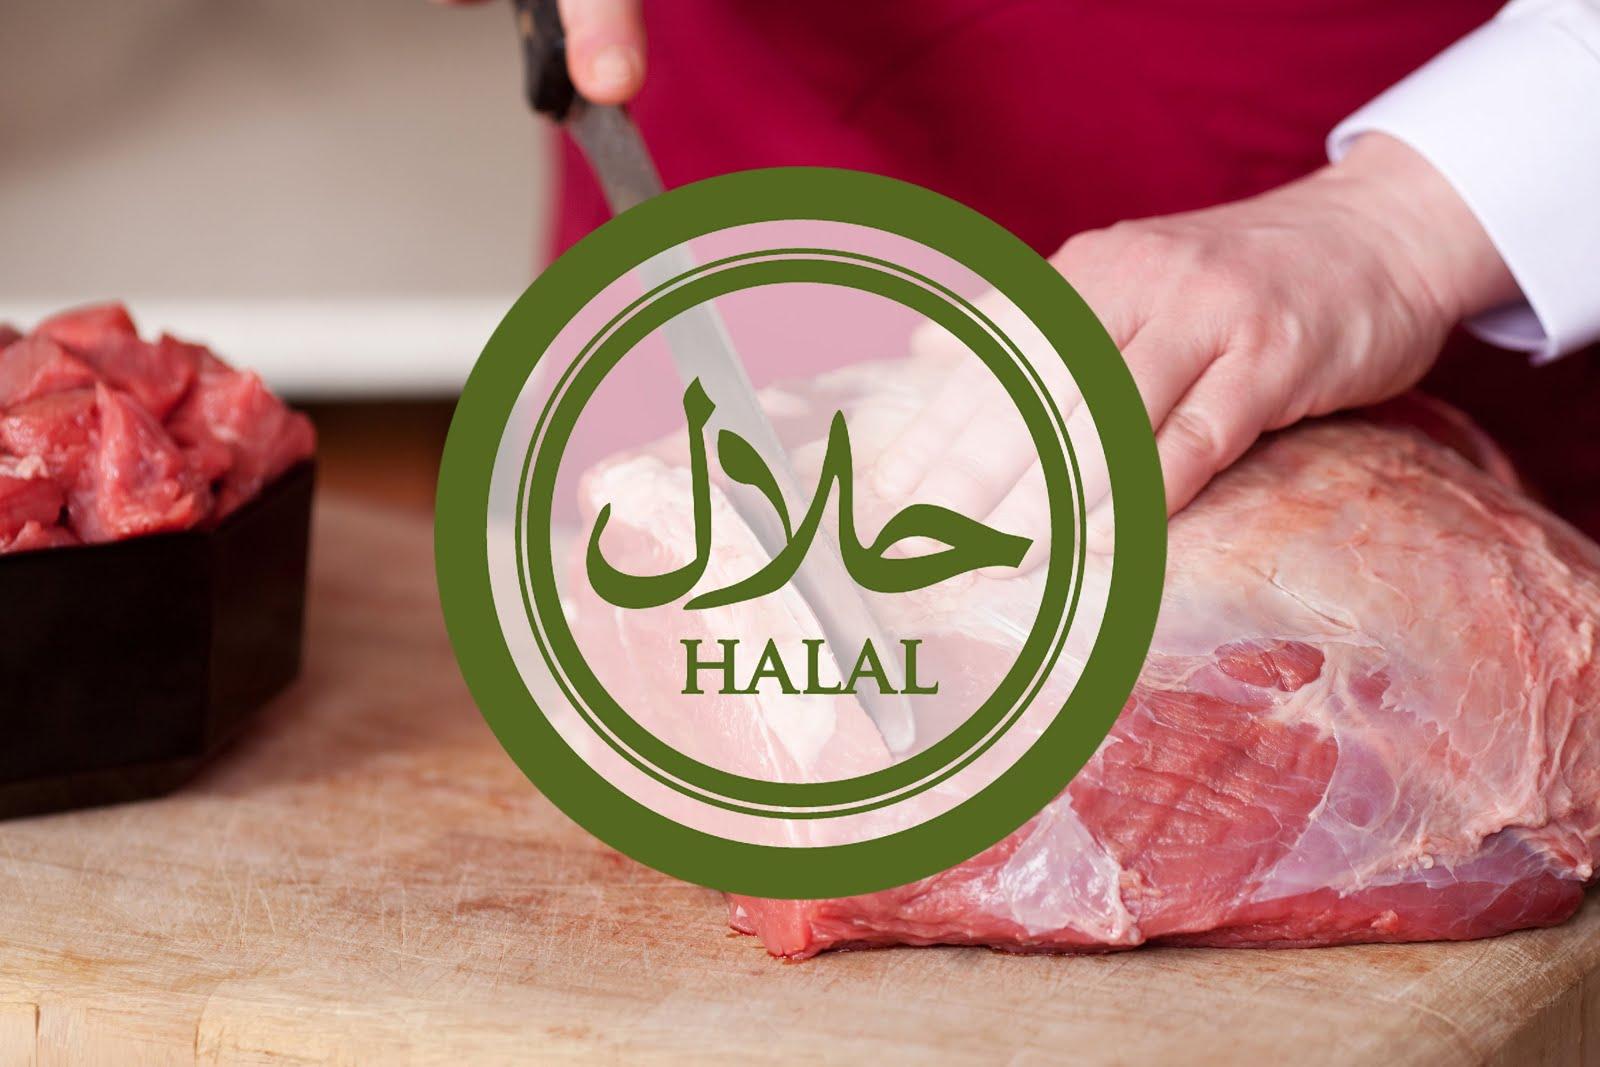 HALAL BEEF AND LAMB